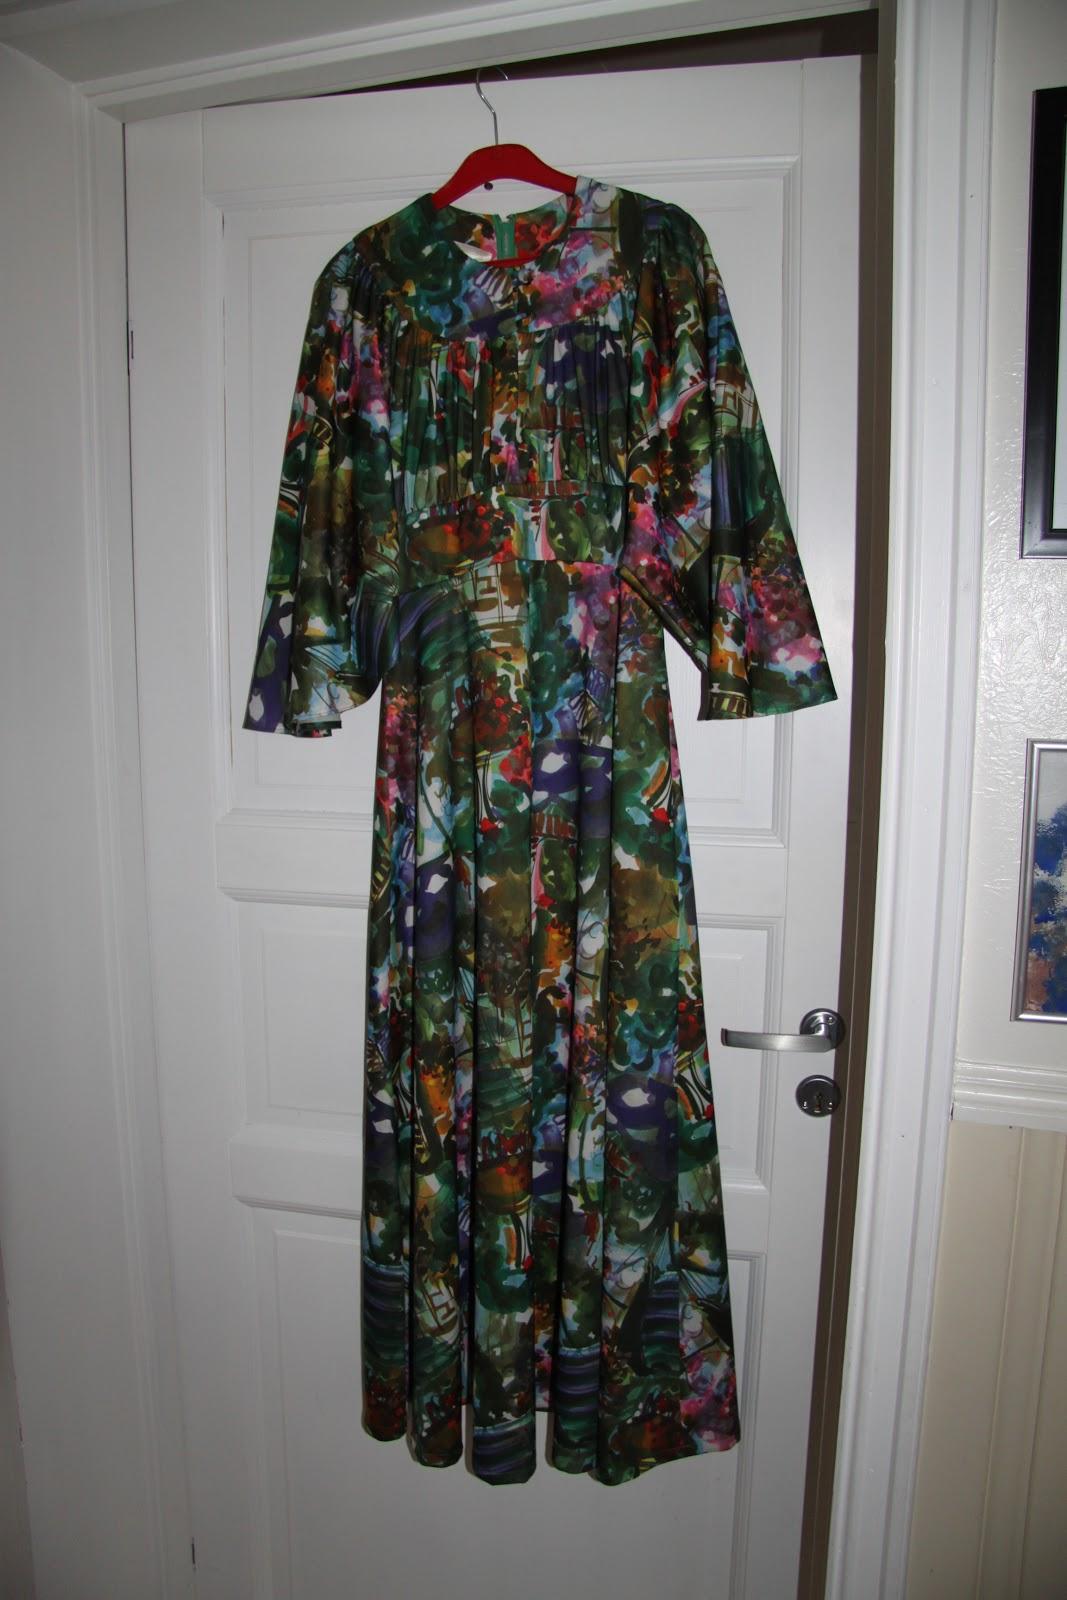 68b837020866 Redesignkjole i glade friske fargar. Denne kjolen er sydd av bl.a  gjenbruksmateriale frå ein fantastisk fargerik vintagekjole